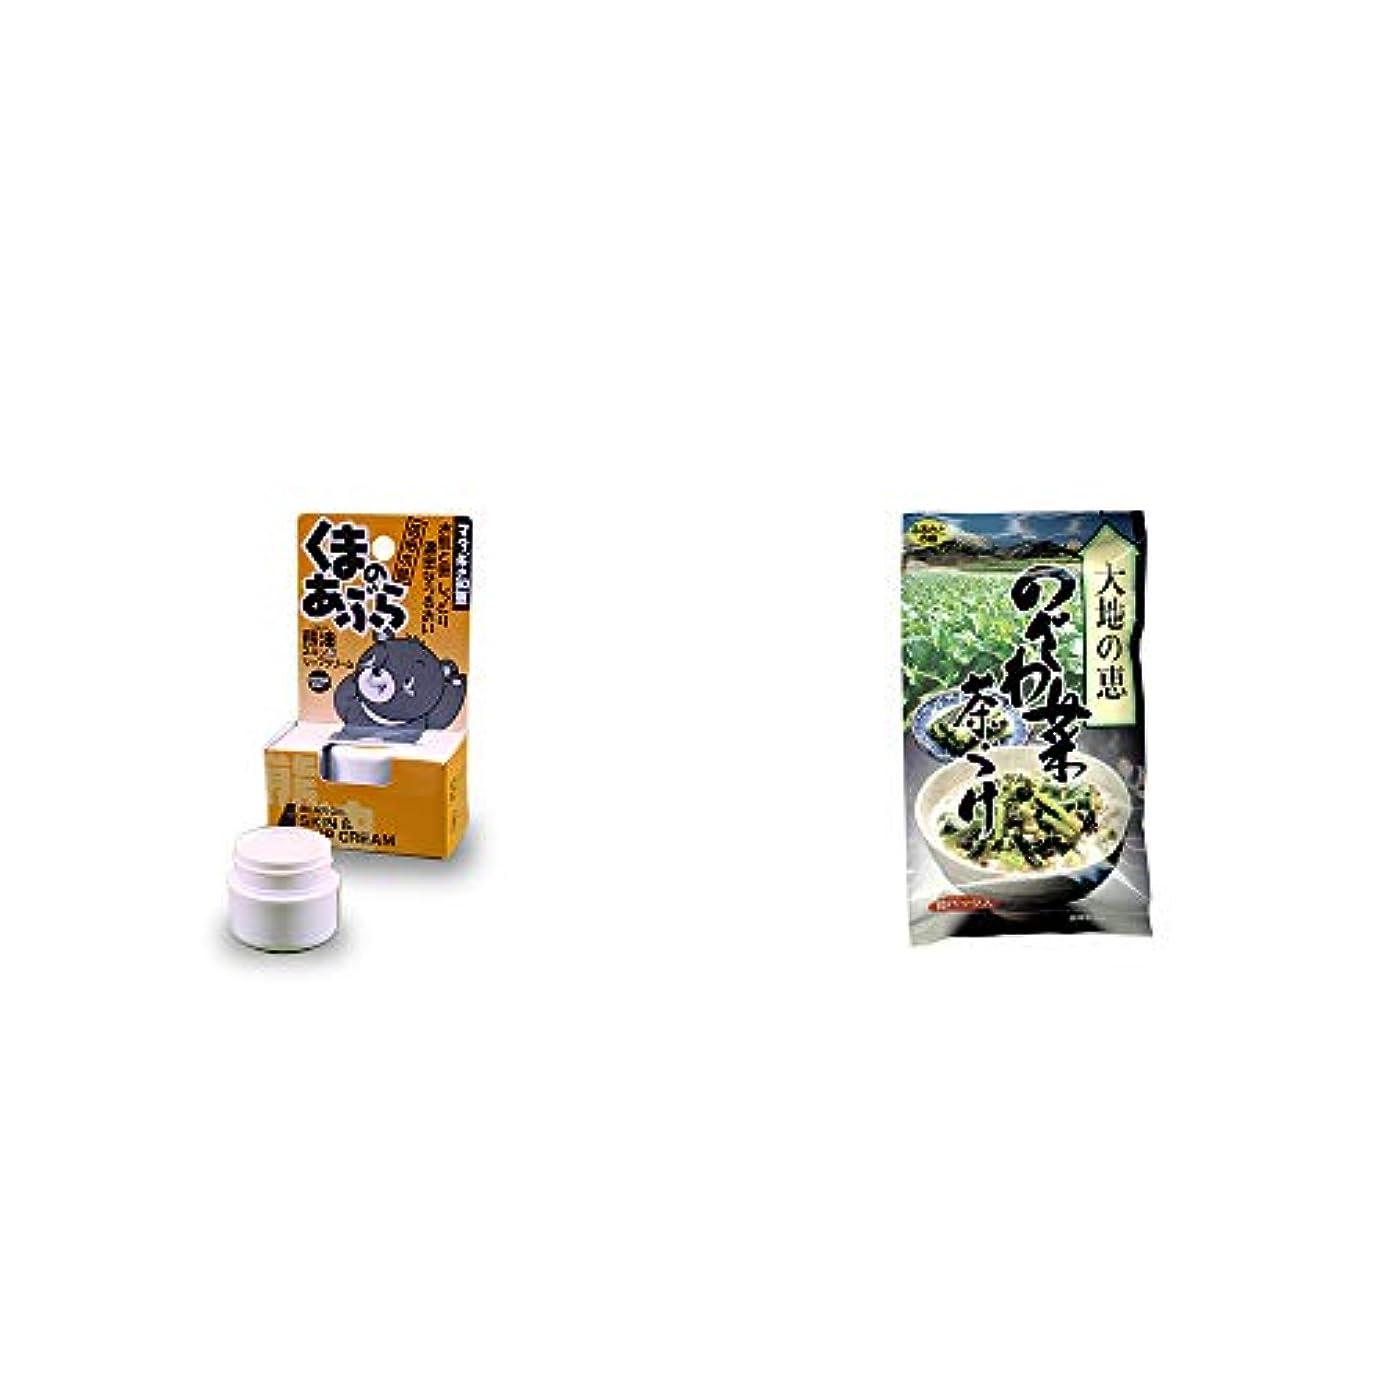 不良放送中性[2点セット] 信州木曽 くまのあぶら 熊油スキン&リップクリーム(9g)?特選茶漬け 大地の恵 のざわ菜茶づけ(10袋入)